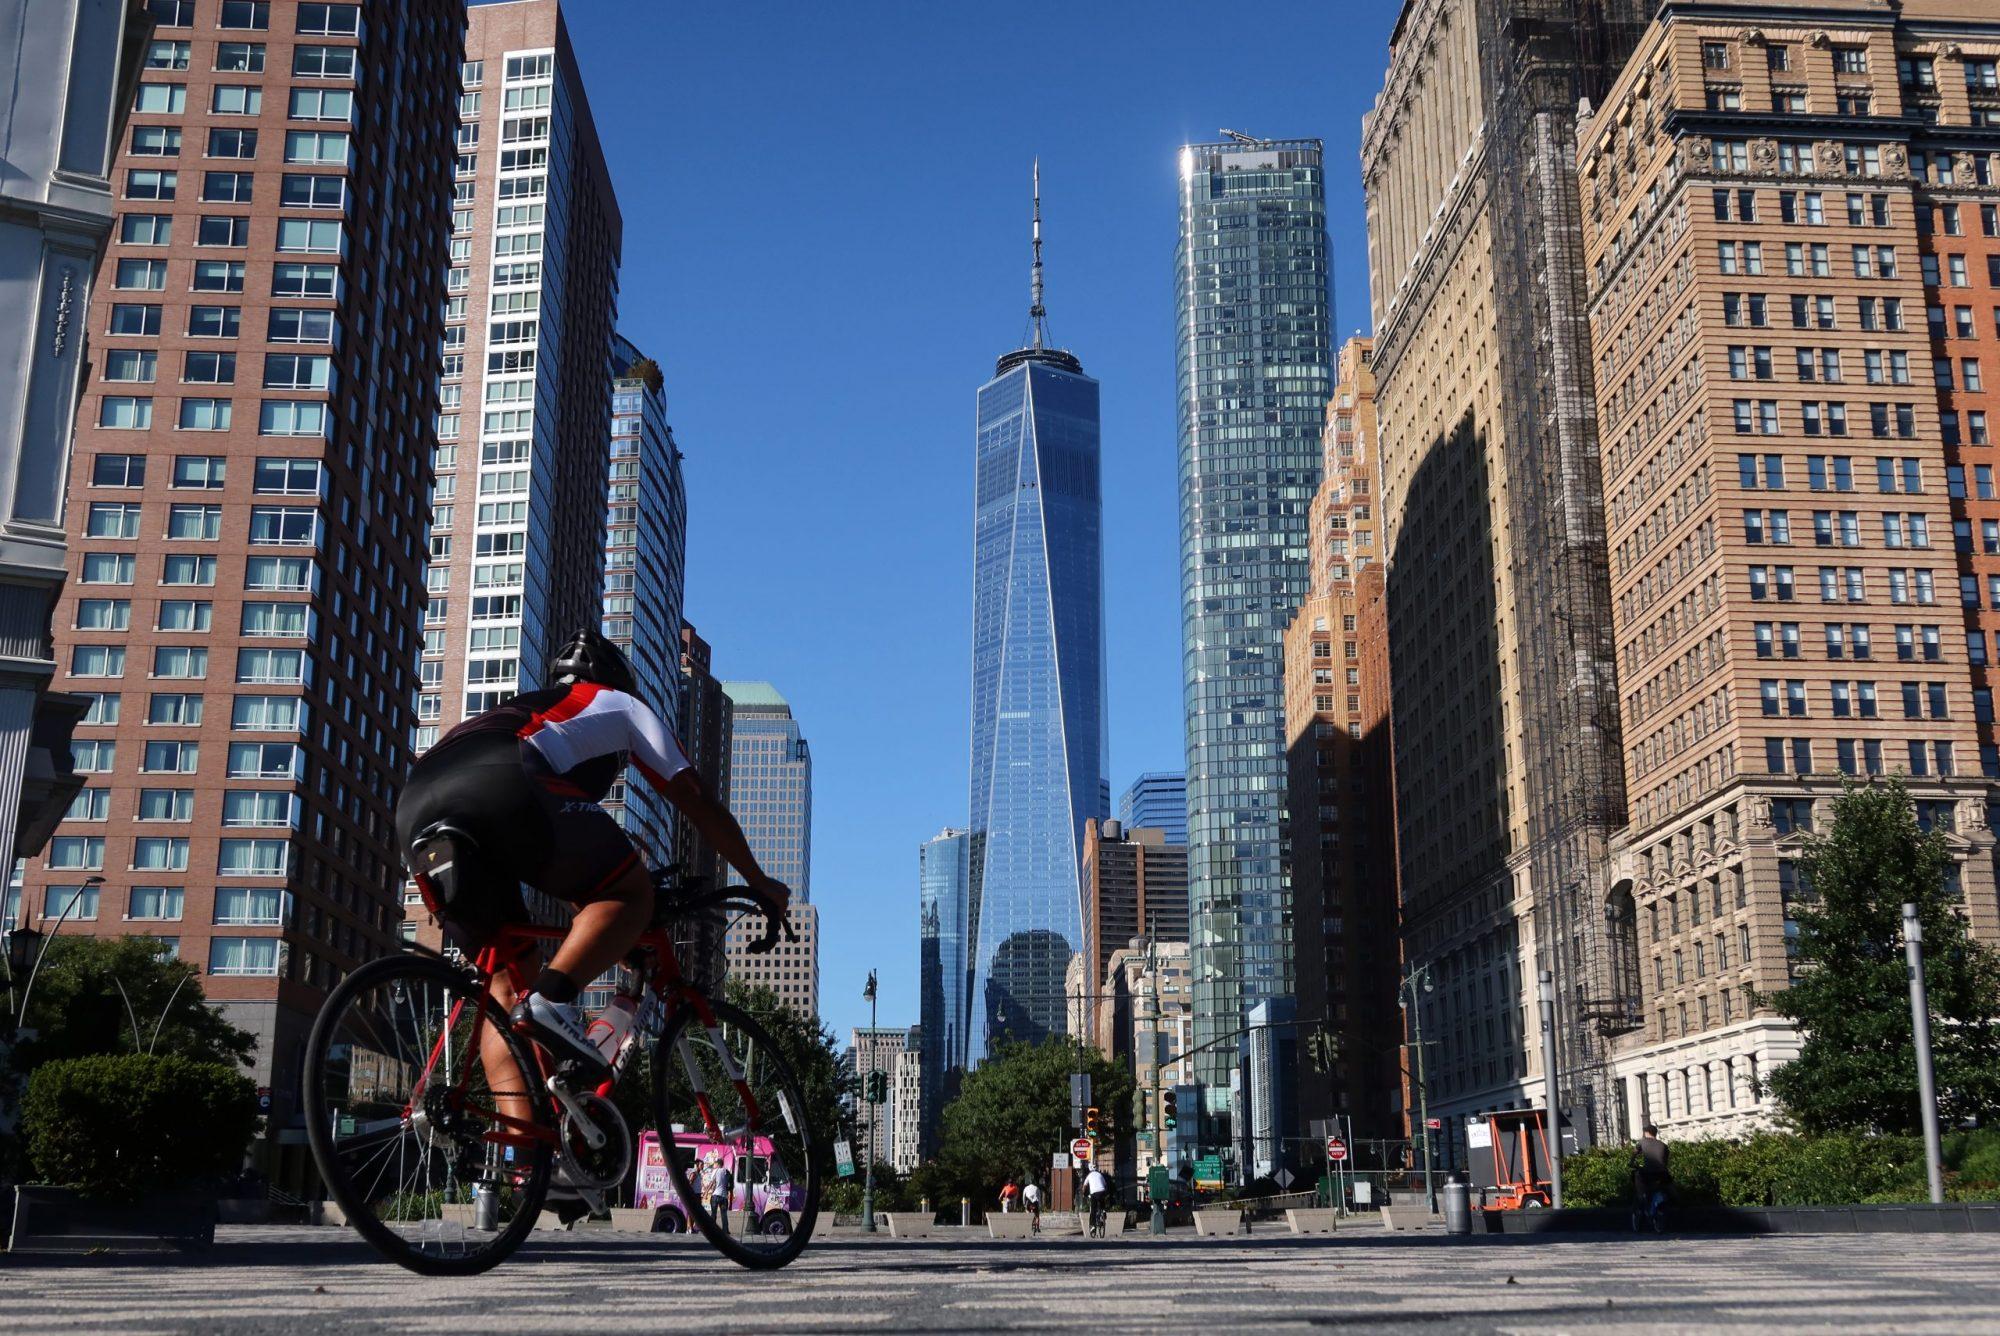 Faire du vélo à New York: où aller, comment louer des vélos et autres conseils